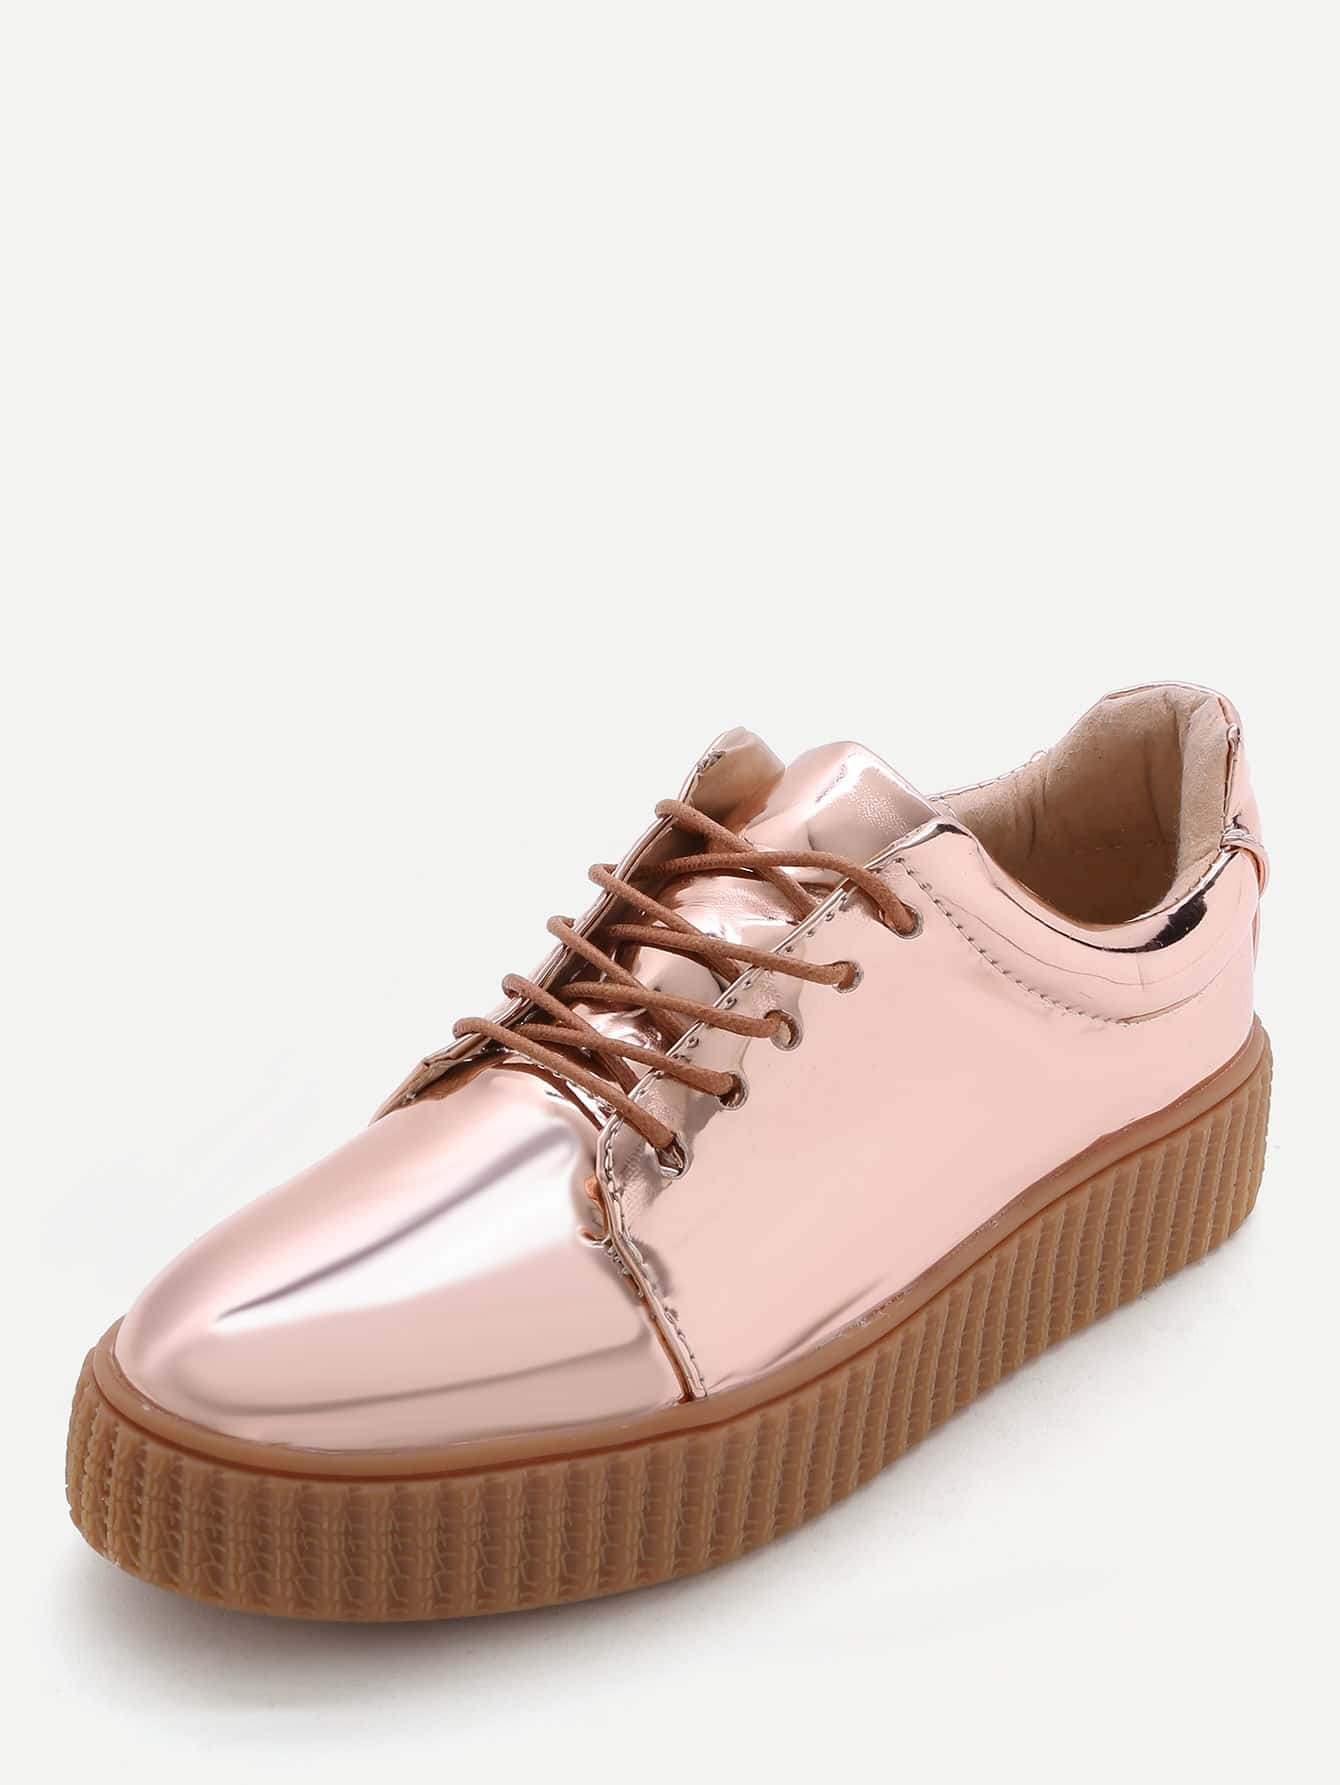 shoes161213812_2